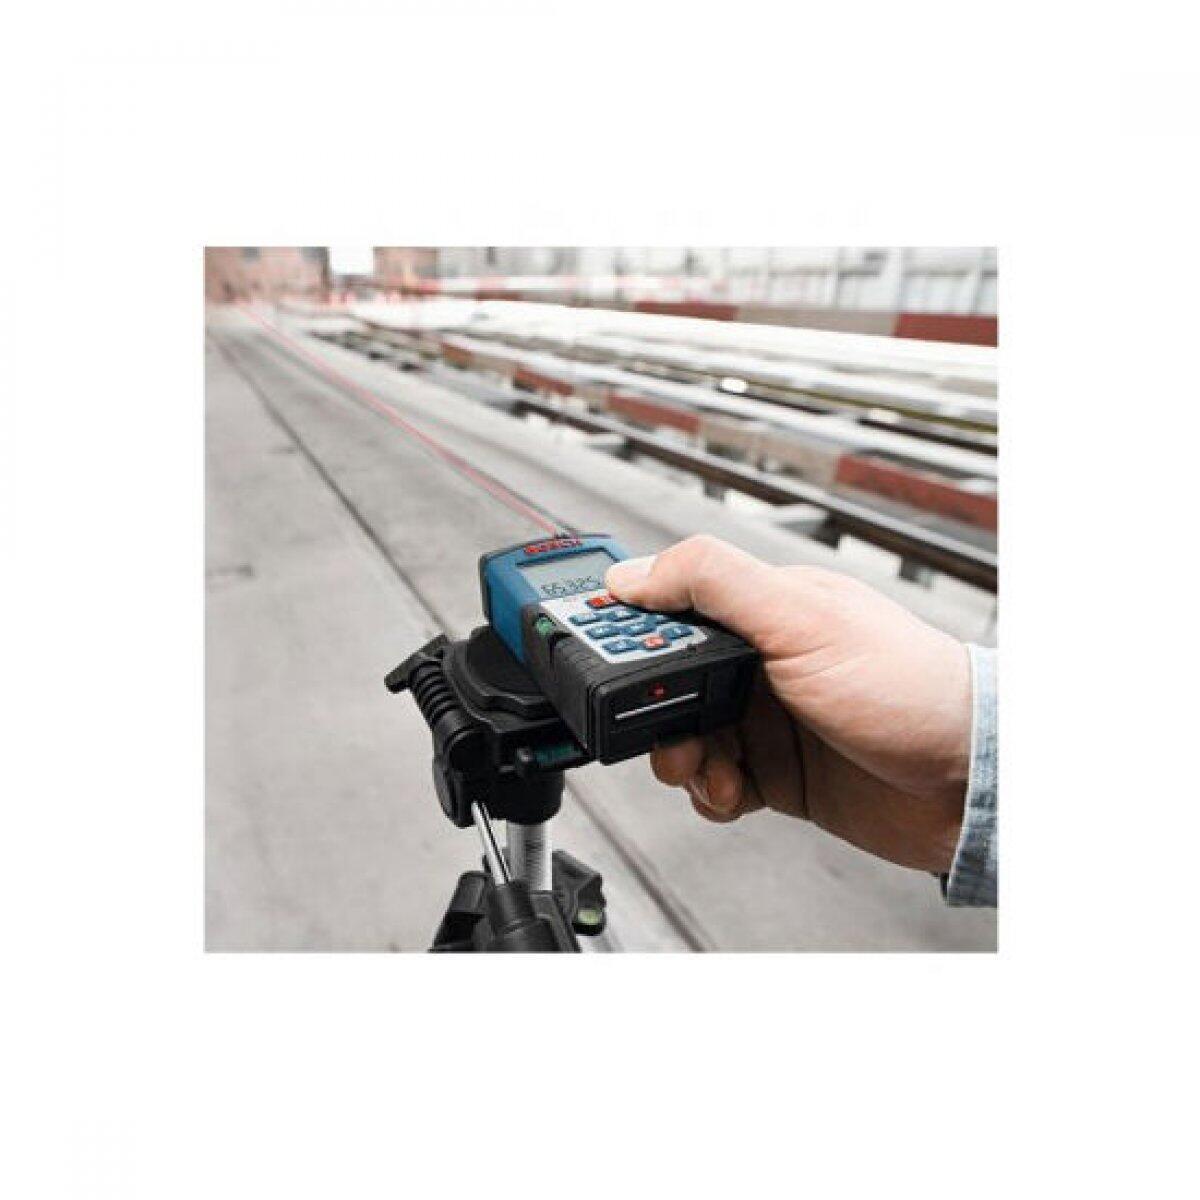 Trena Digital à Laser (Medidor de Distância) DLE 70 Bosch - 0,05 a 70 Metros